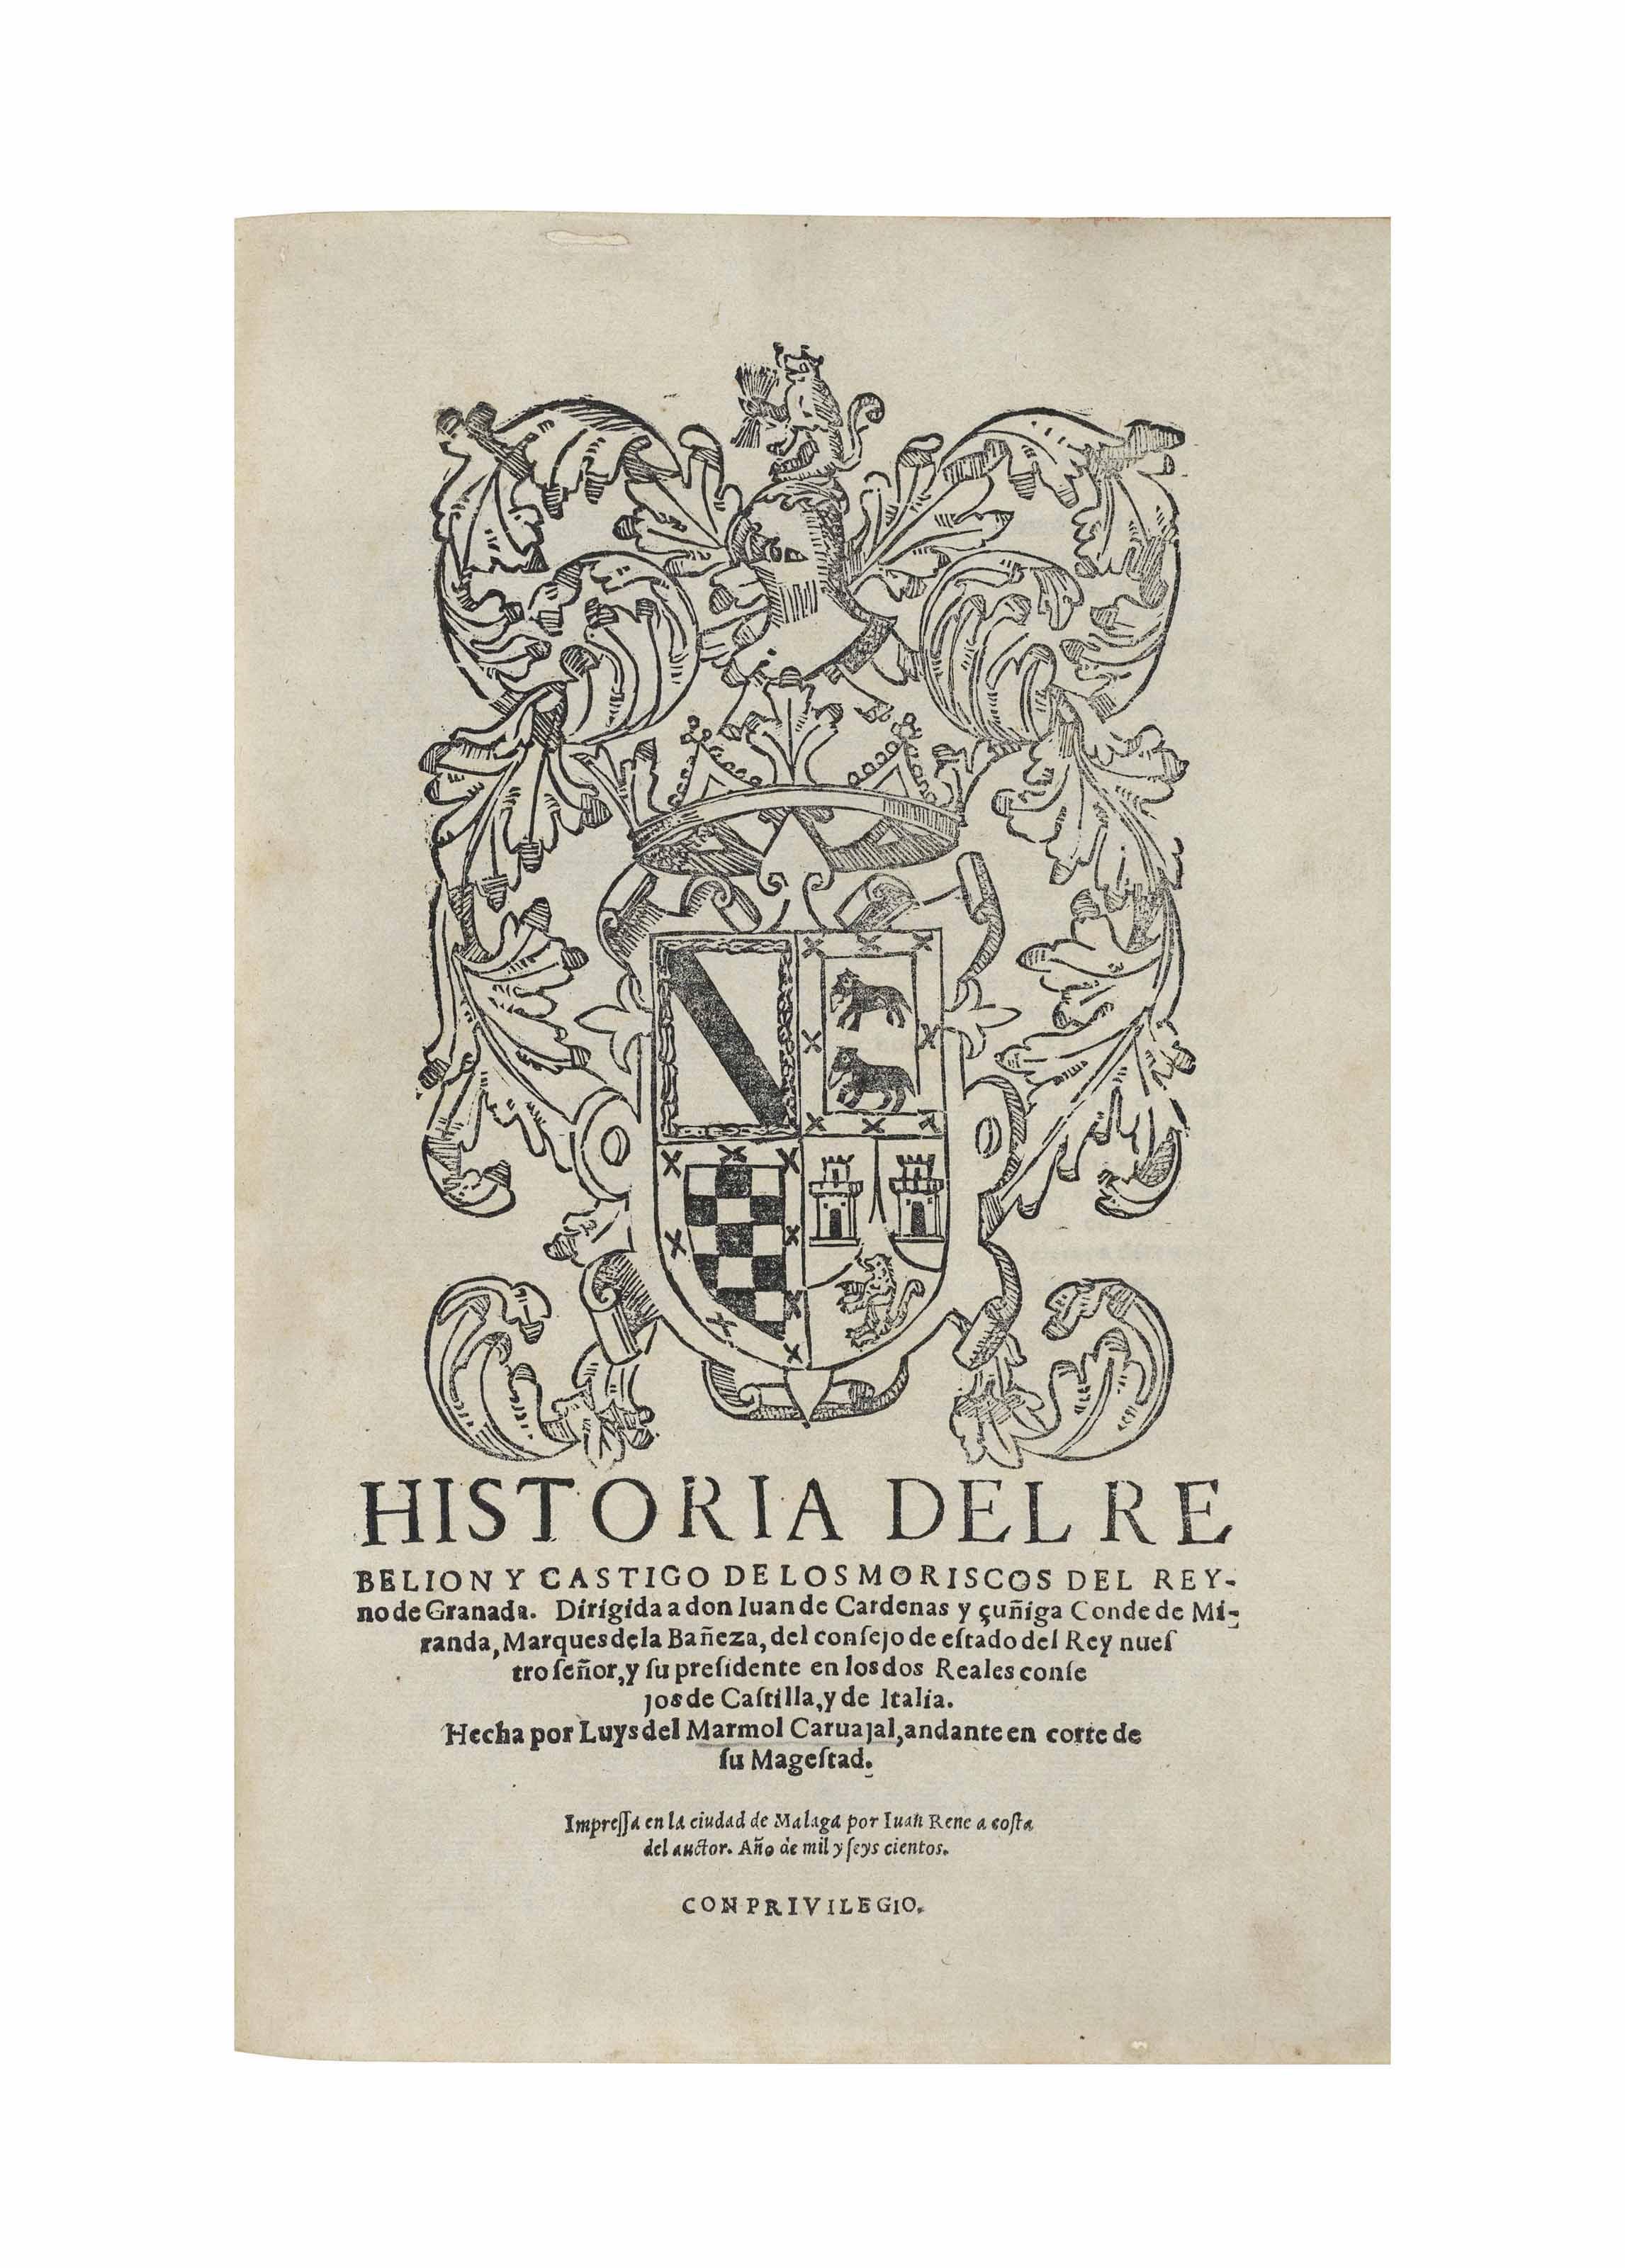 Marmol carvajal luis del historia del rebelion y castigo for Origen del marmol